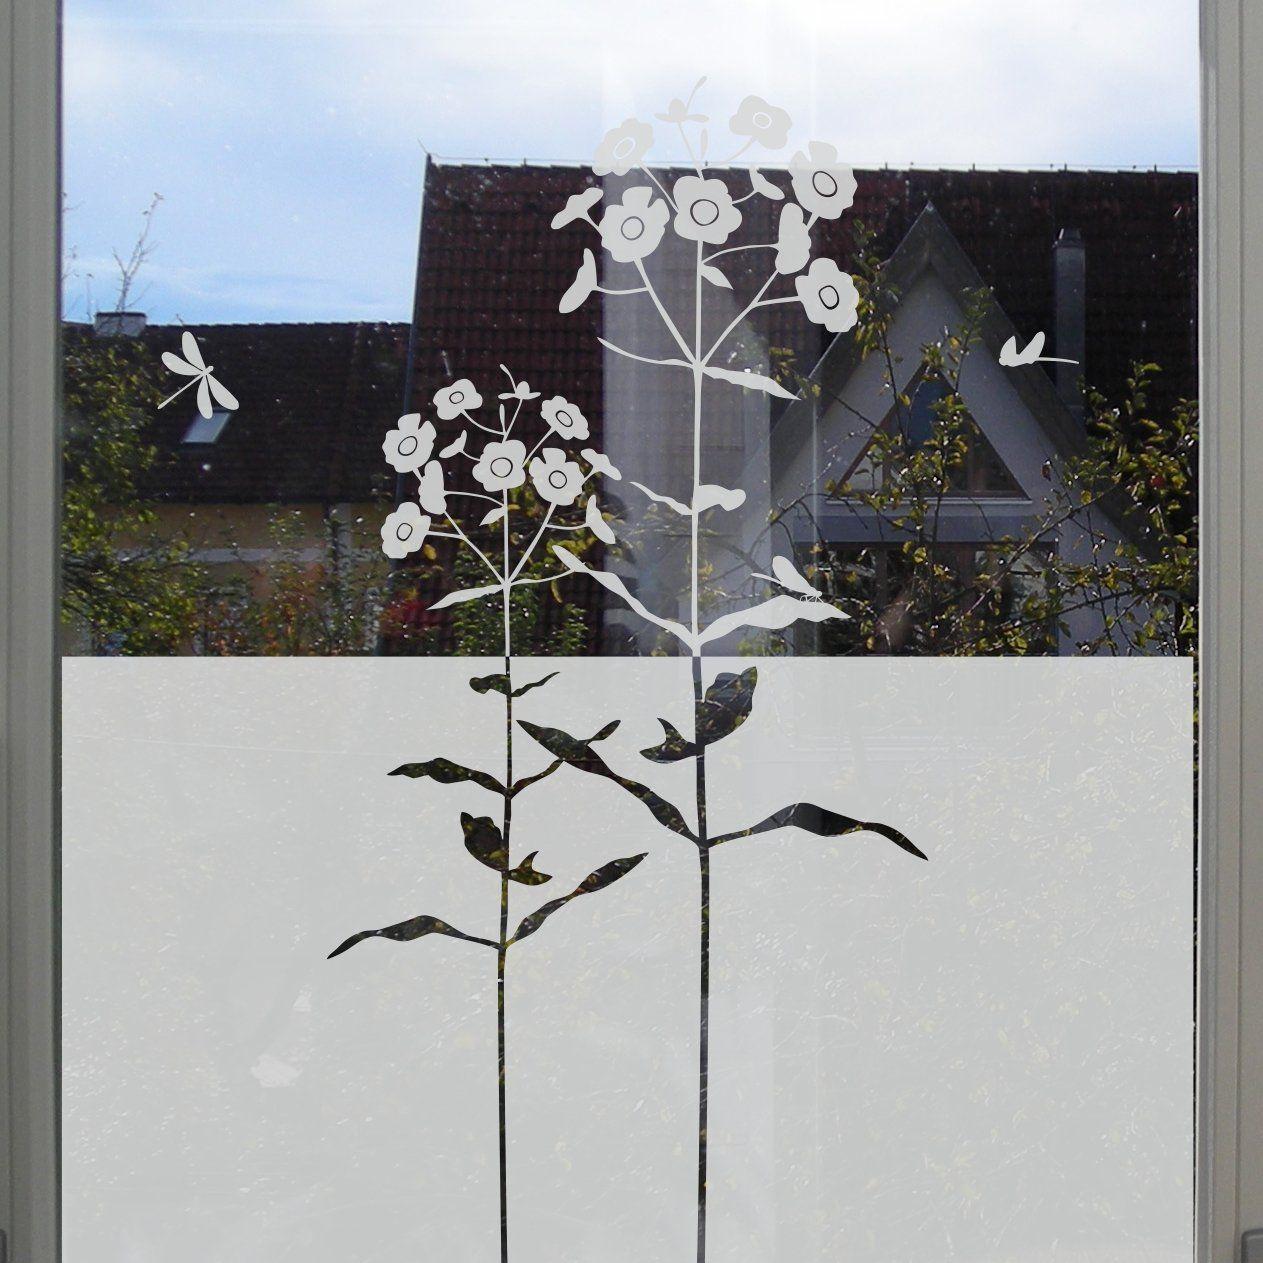 Dekorativer Sichtschutz Mit Blumen Fenster Klebefolie Floral Fenster Klebefolie Fenster Privatsphare Fensterfolie